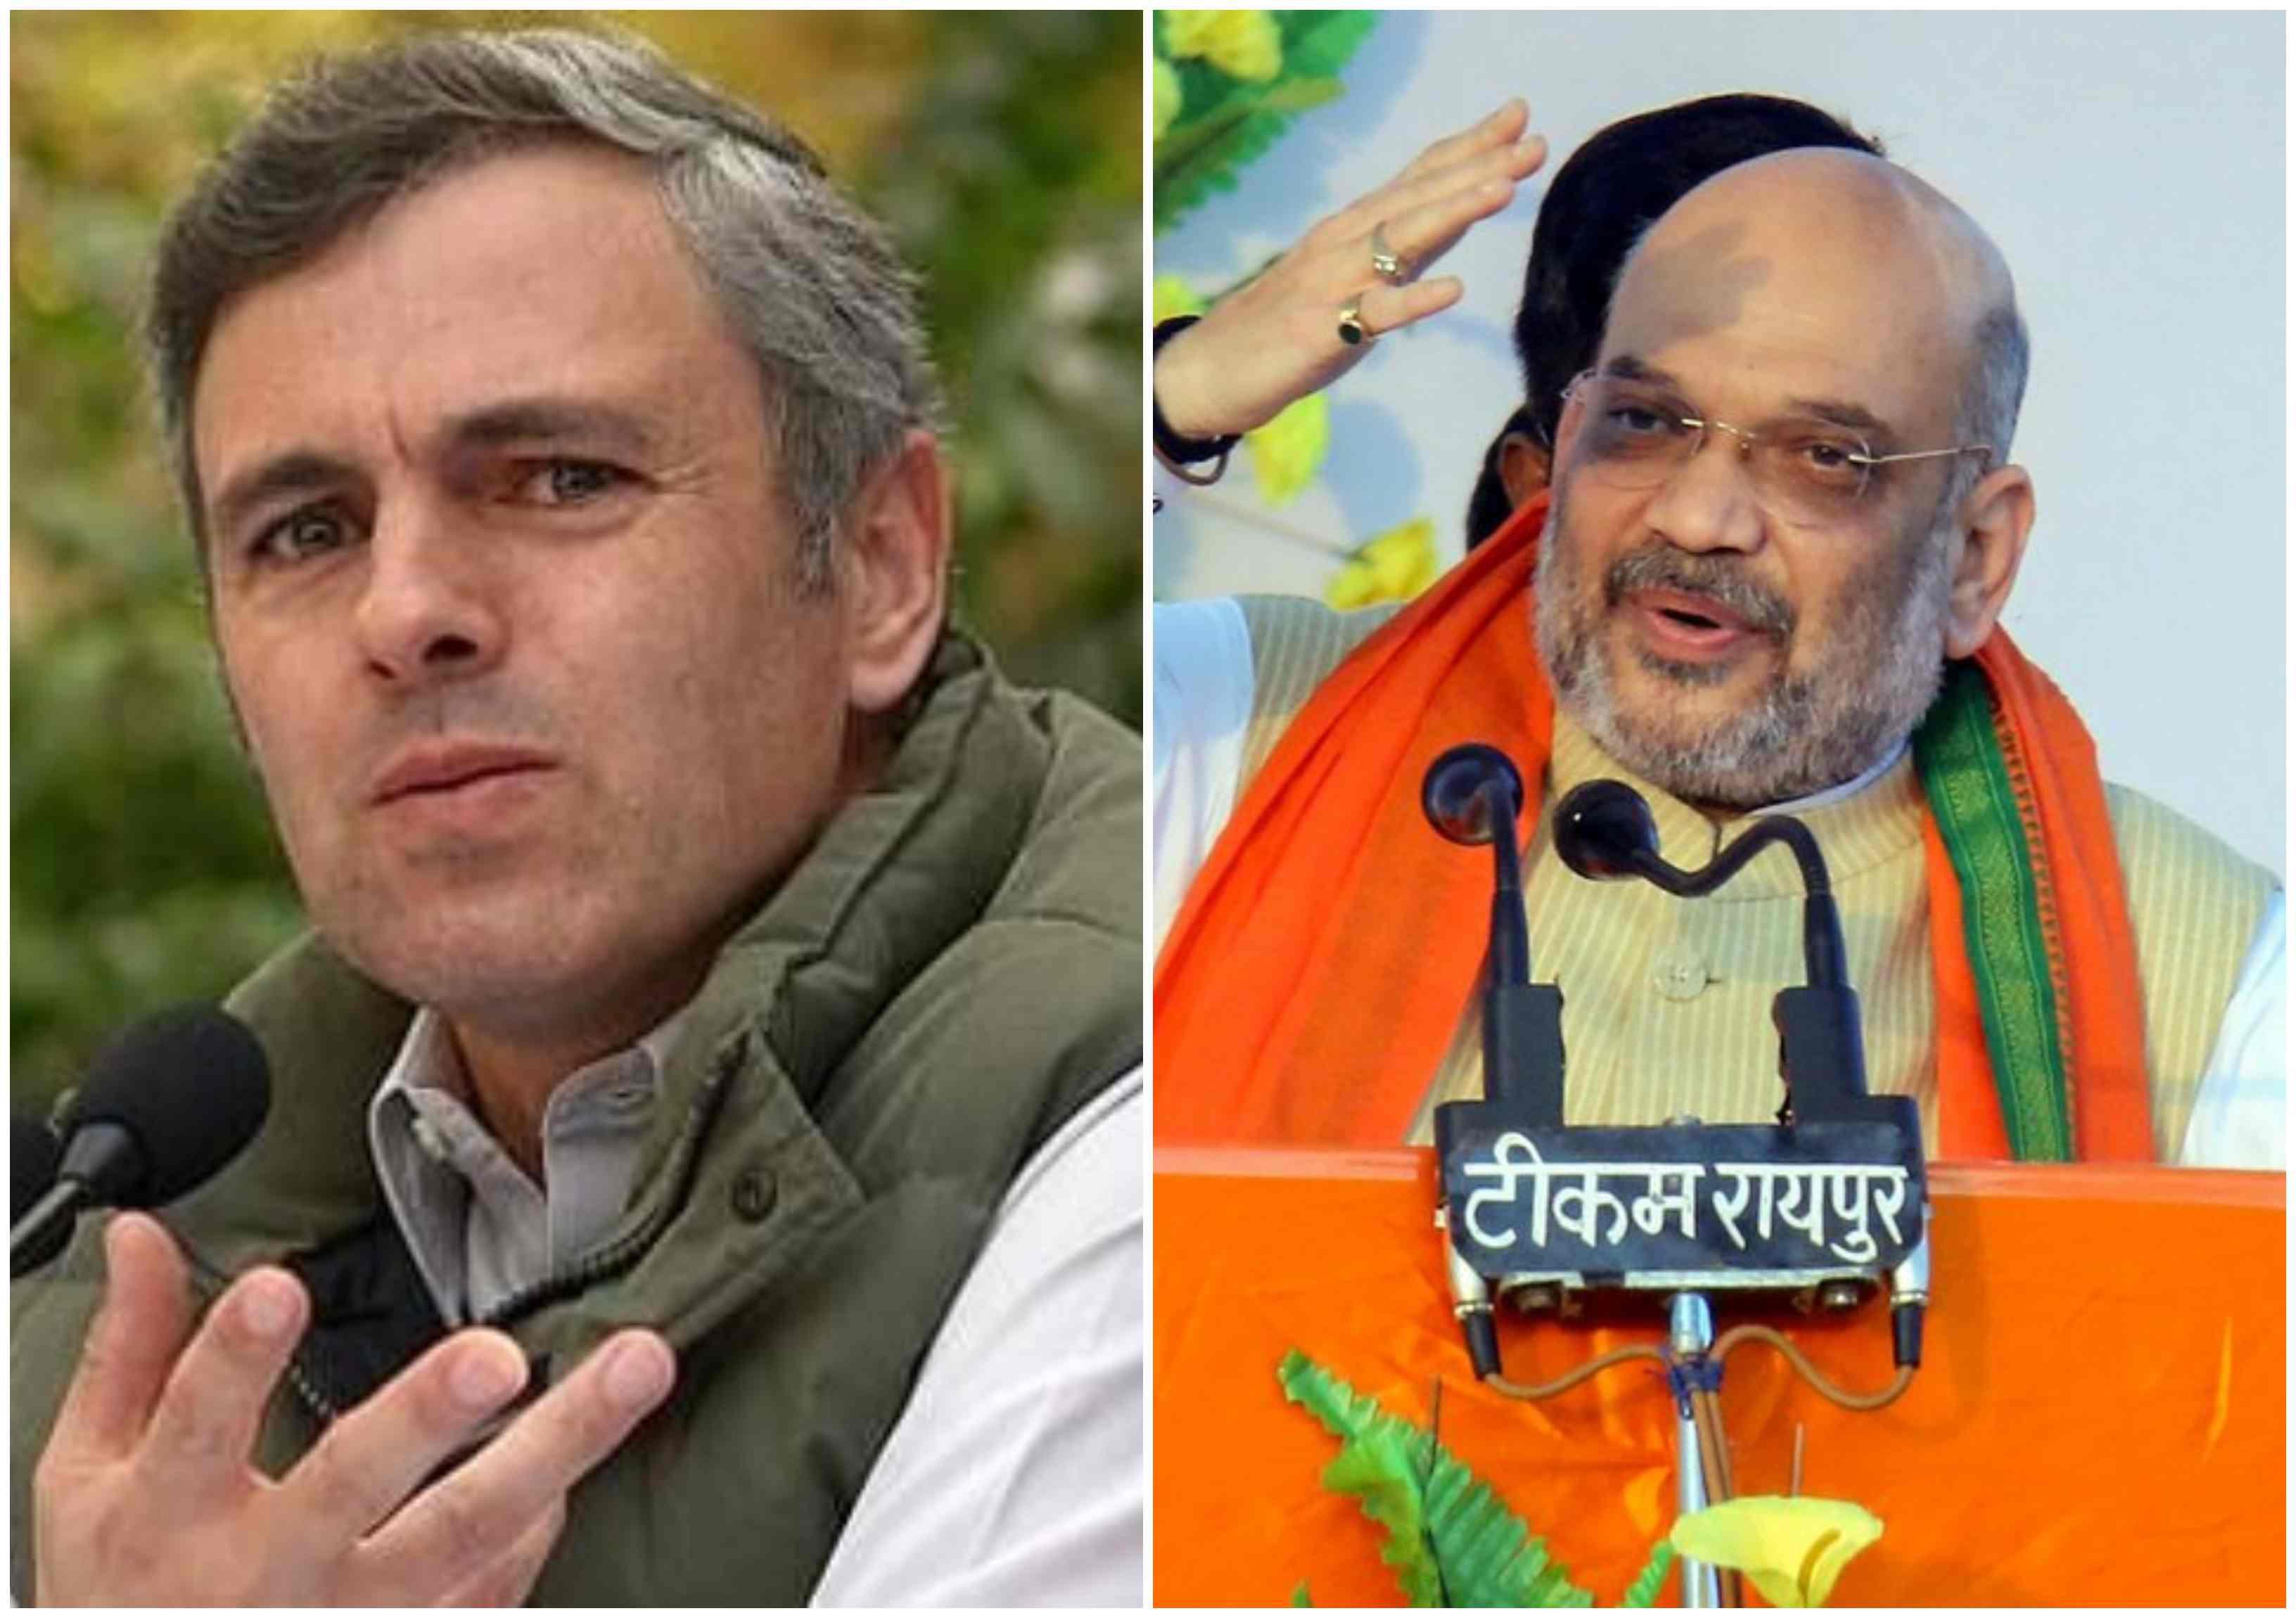 Omar Abdullah, Amit Shah, ODOMOS, OROP, BJP, Congress, national Conference, Lok Sabha, Polls, Rahul Gandhi, Priyanka Gandhi, NewsMobile, Mobile, News, India